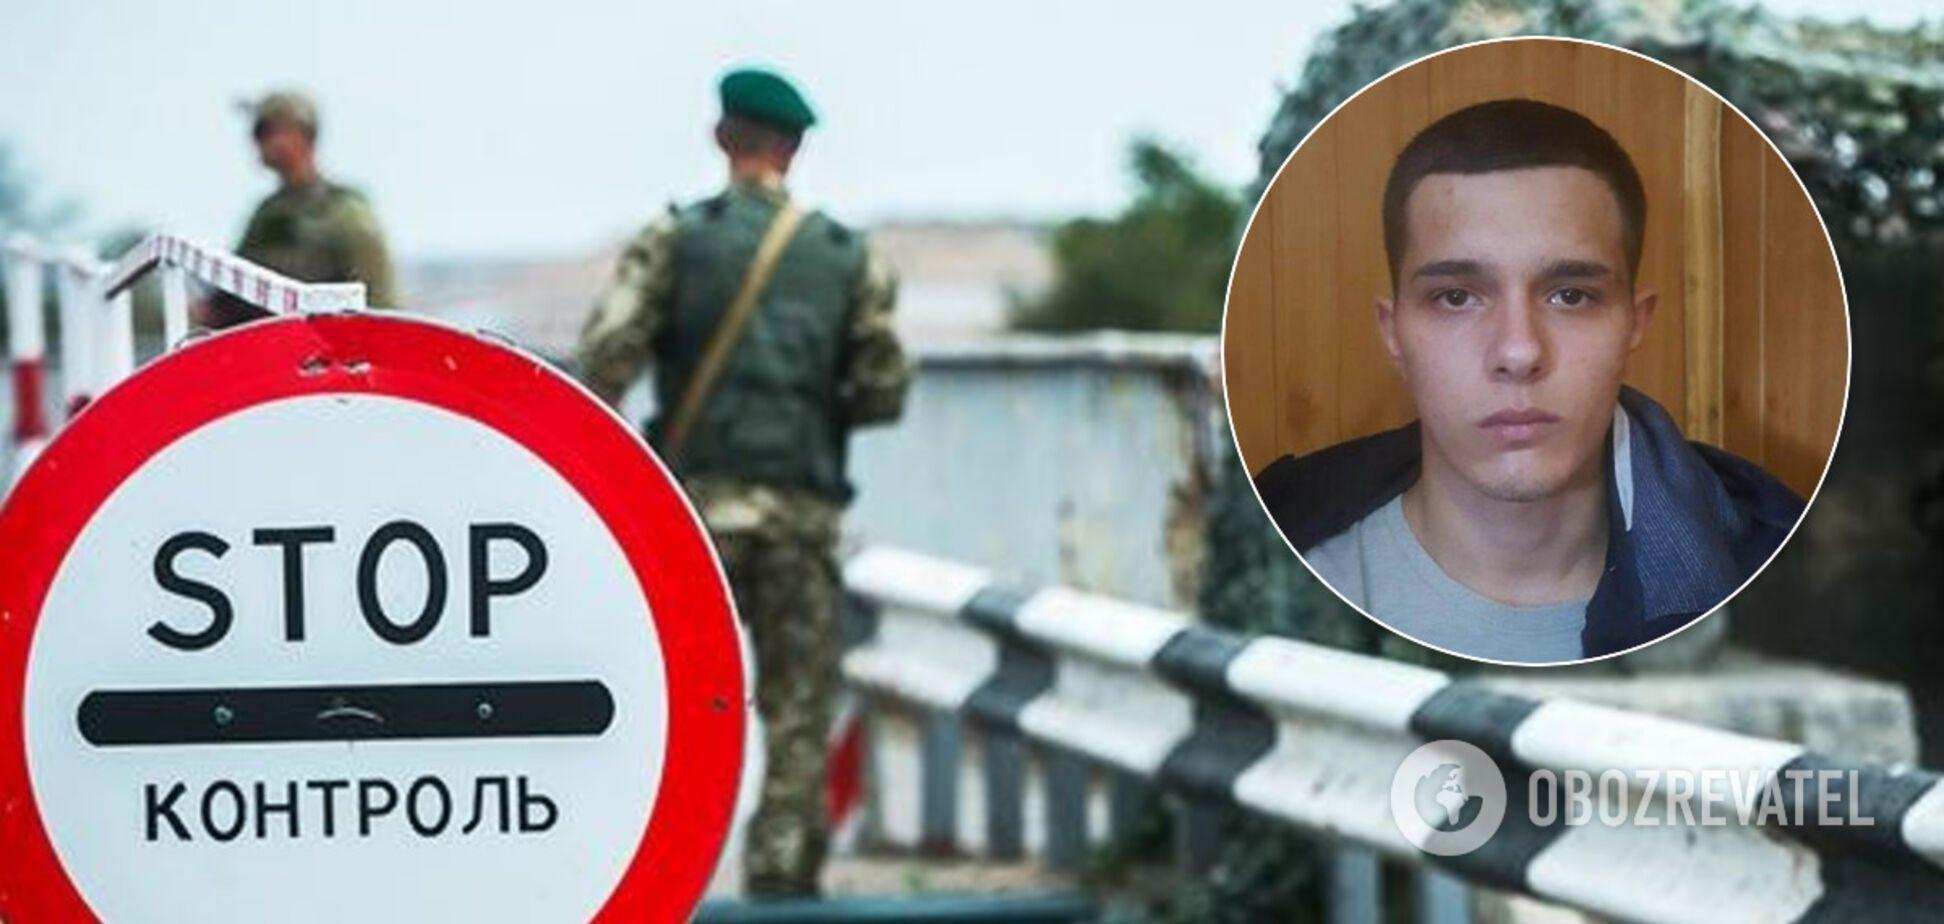 Террорист 'ДНР' сам пришел на украинский блокпост: стали известны детали задержания